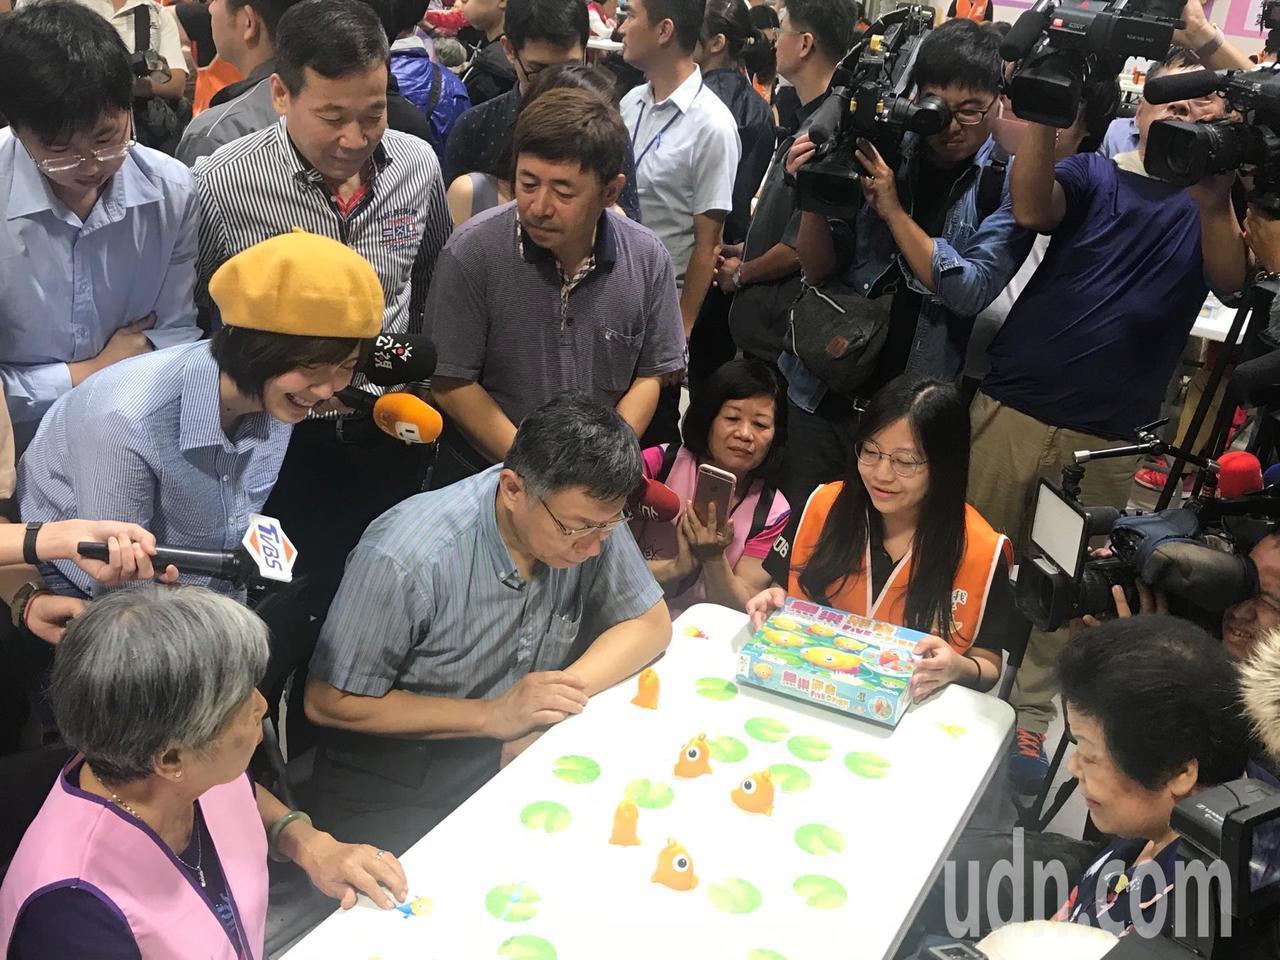 台北市長柯文哲上午參加敬老活動,與長者一起玩桌遊。記者楊正海/攝影